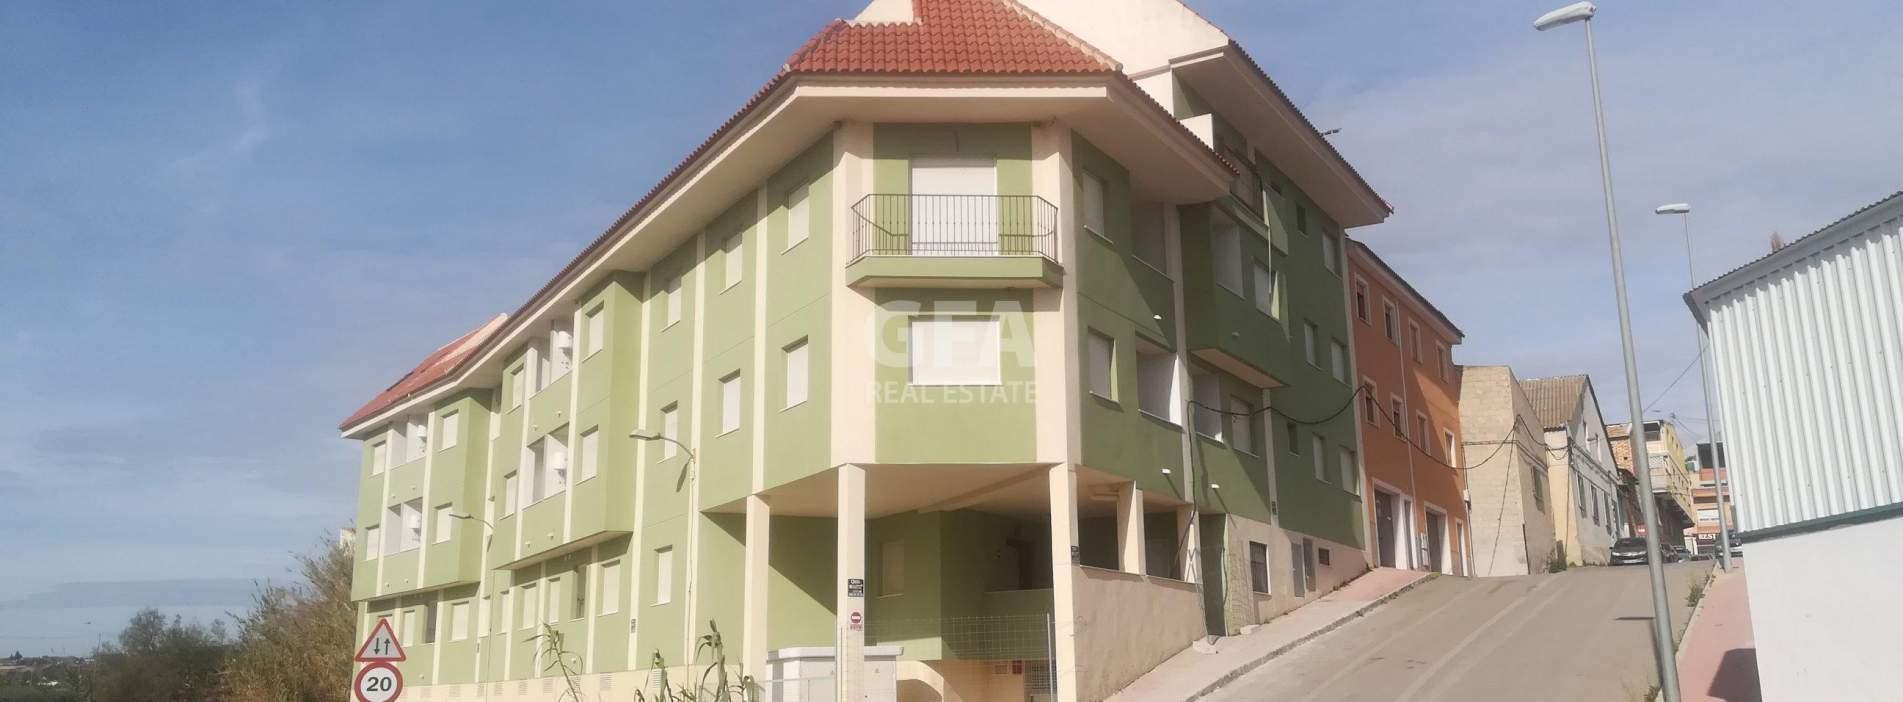 Promoción de pisos en venta en Archena